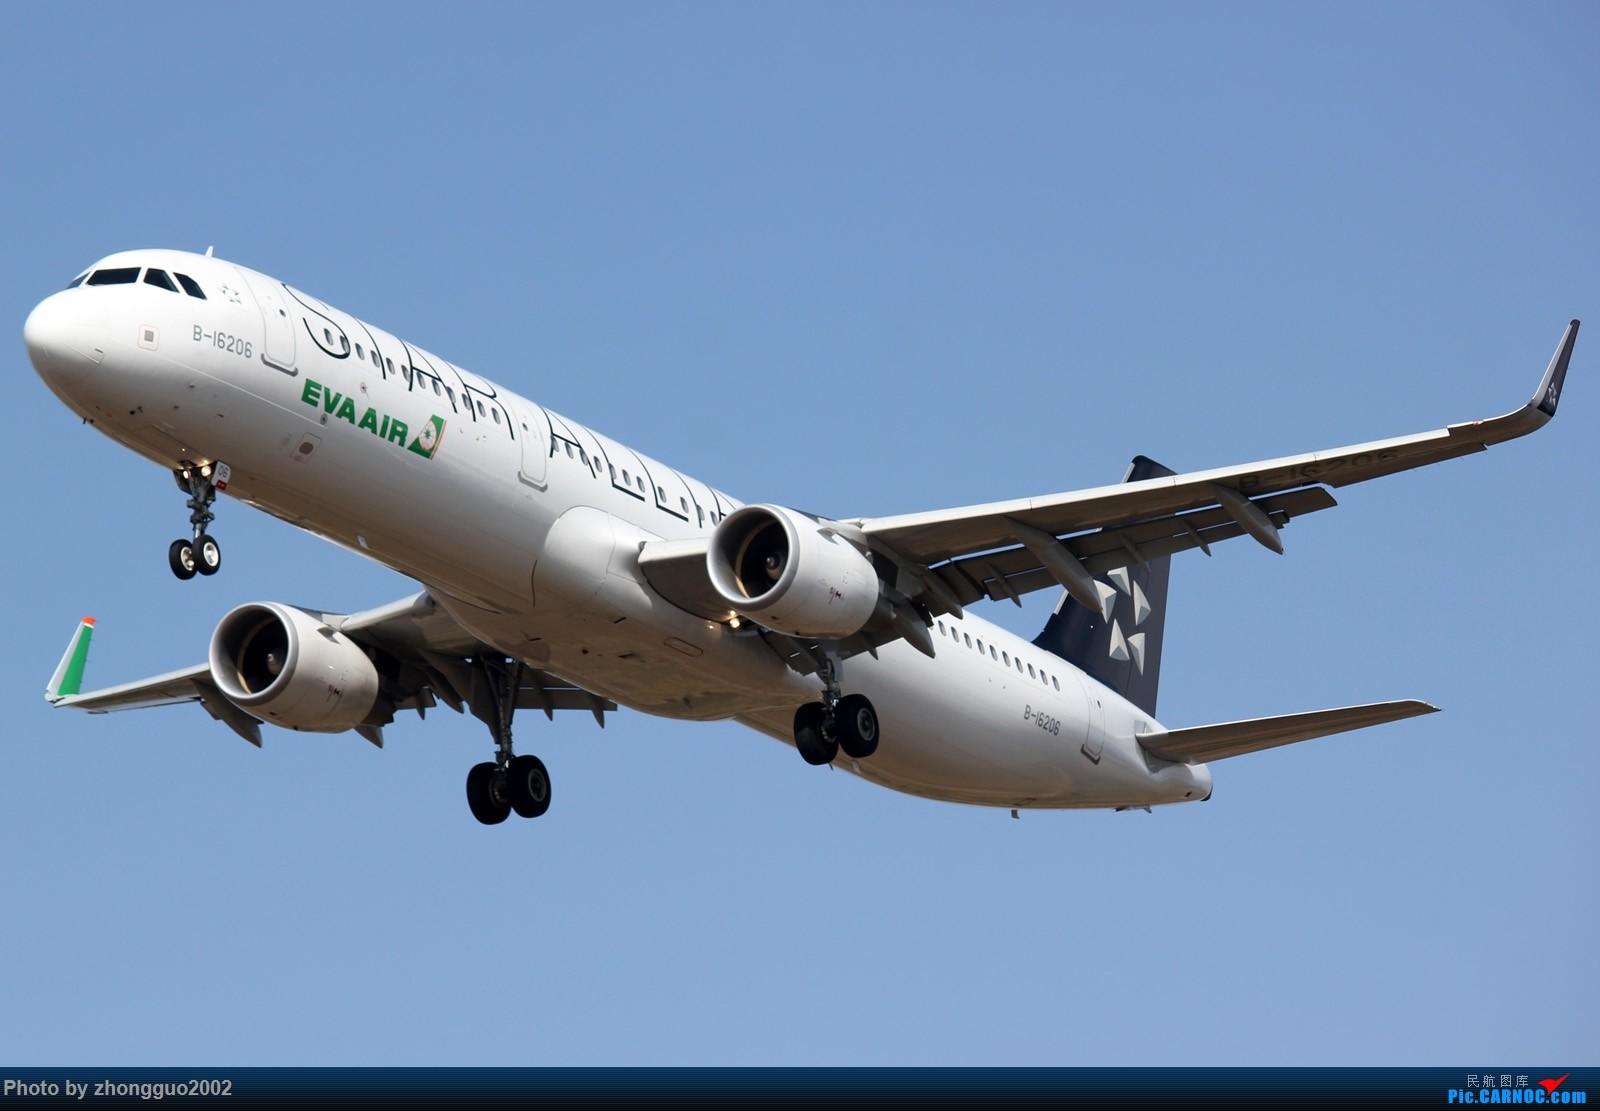 Re:[原创]【BLDDQ--深圳打机队】发小飞机盖楼贴,凡跟帖1字开头大陆民航飞机图的,每图五架小飞机不重复 AIRBUS A321-200 B-16206 中国呼和浩特白塔国际机场